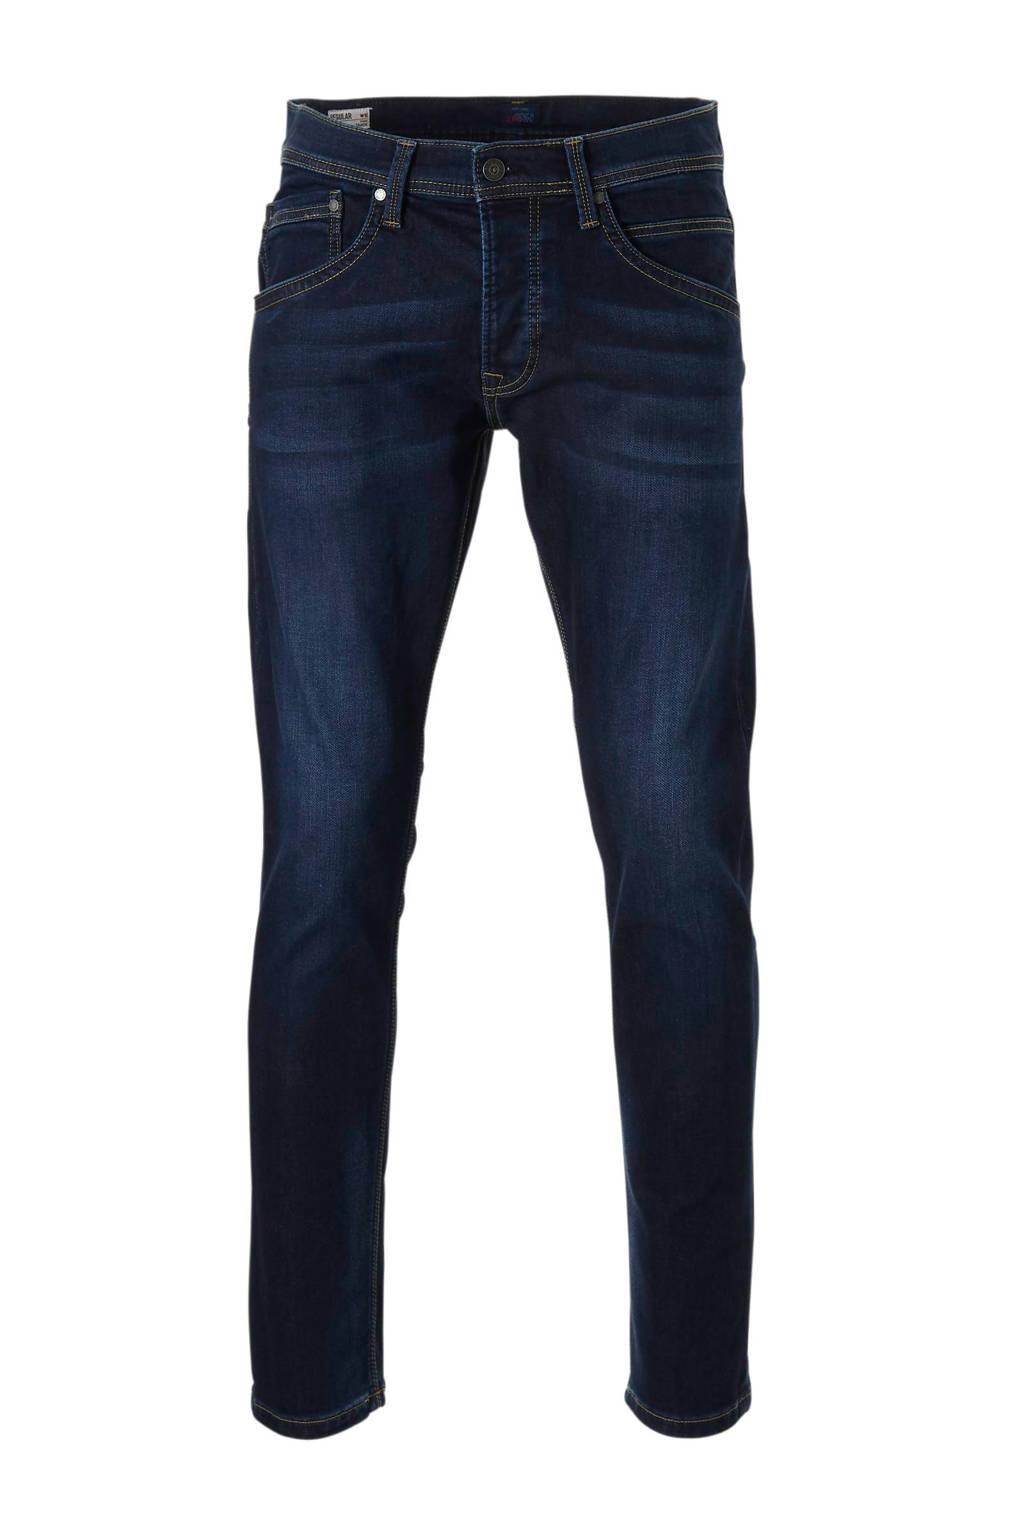 Pepe Jeans regular fit jeans, Dark denim